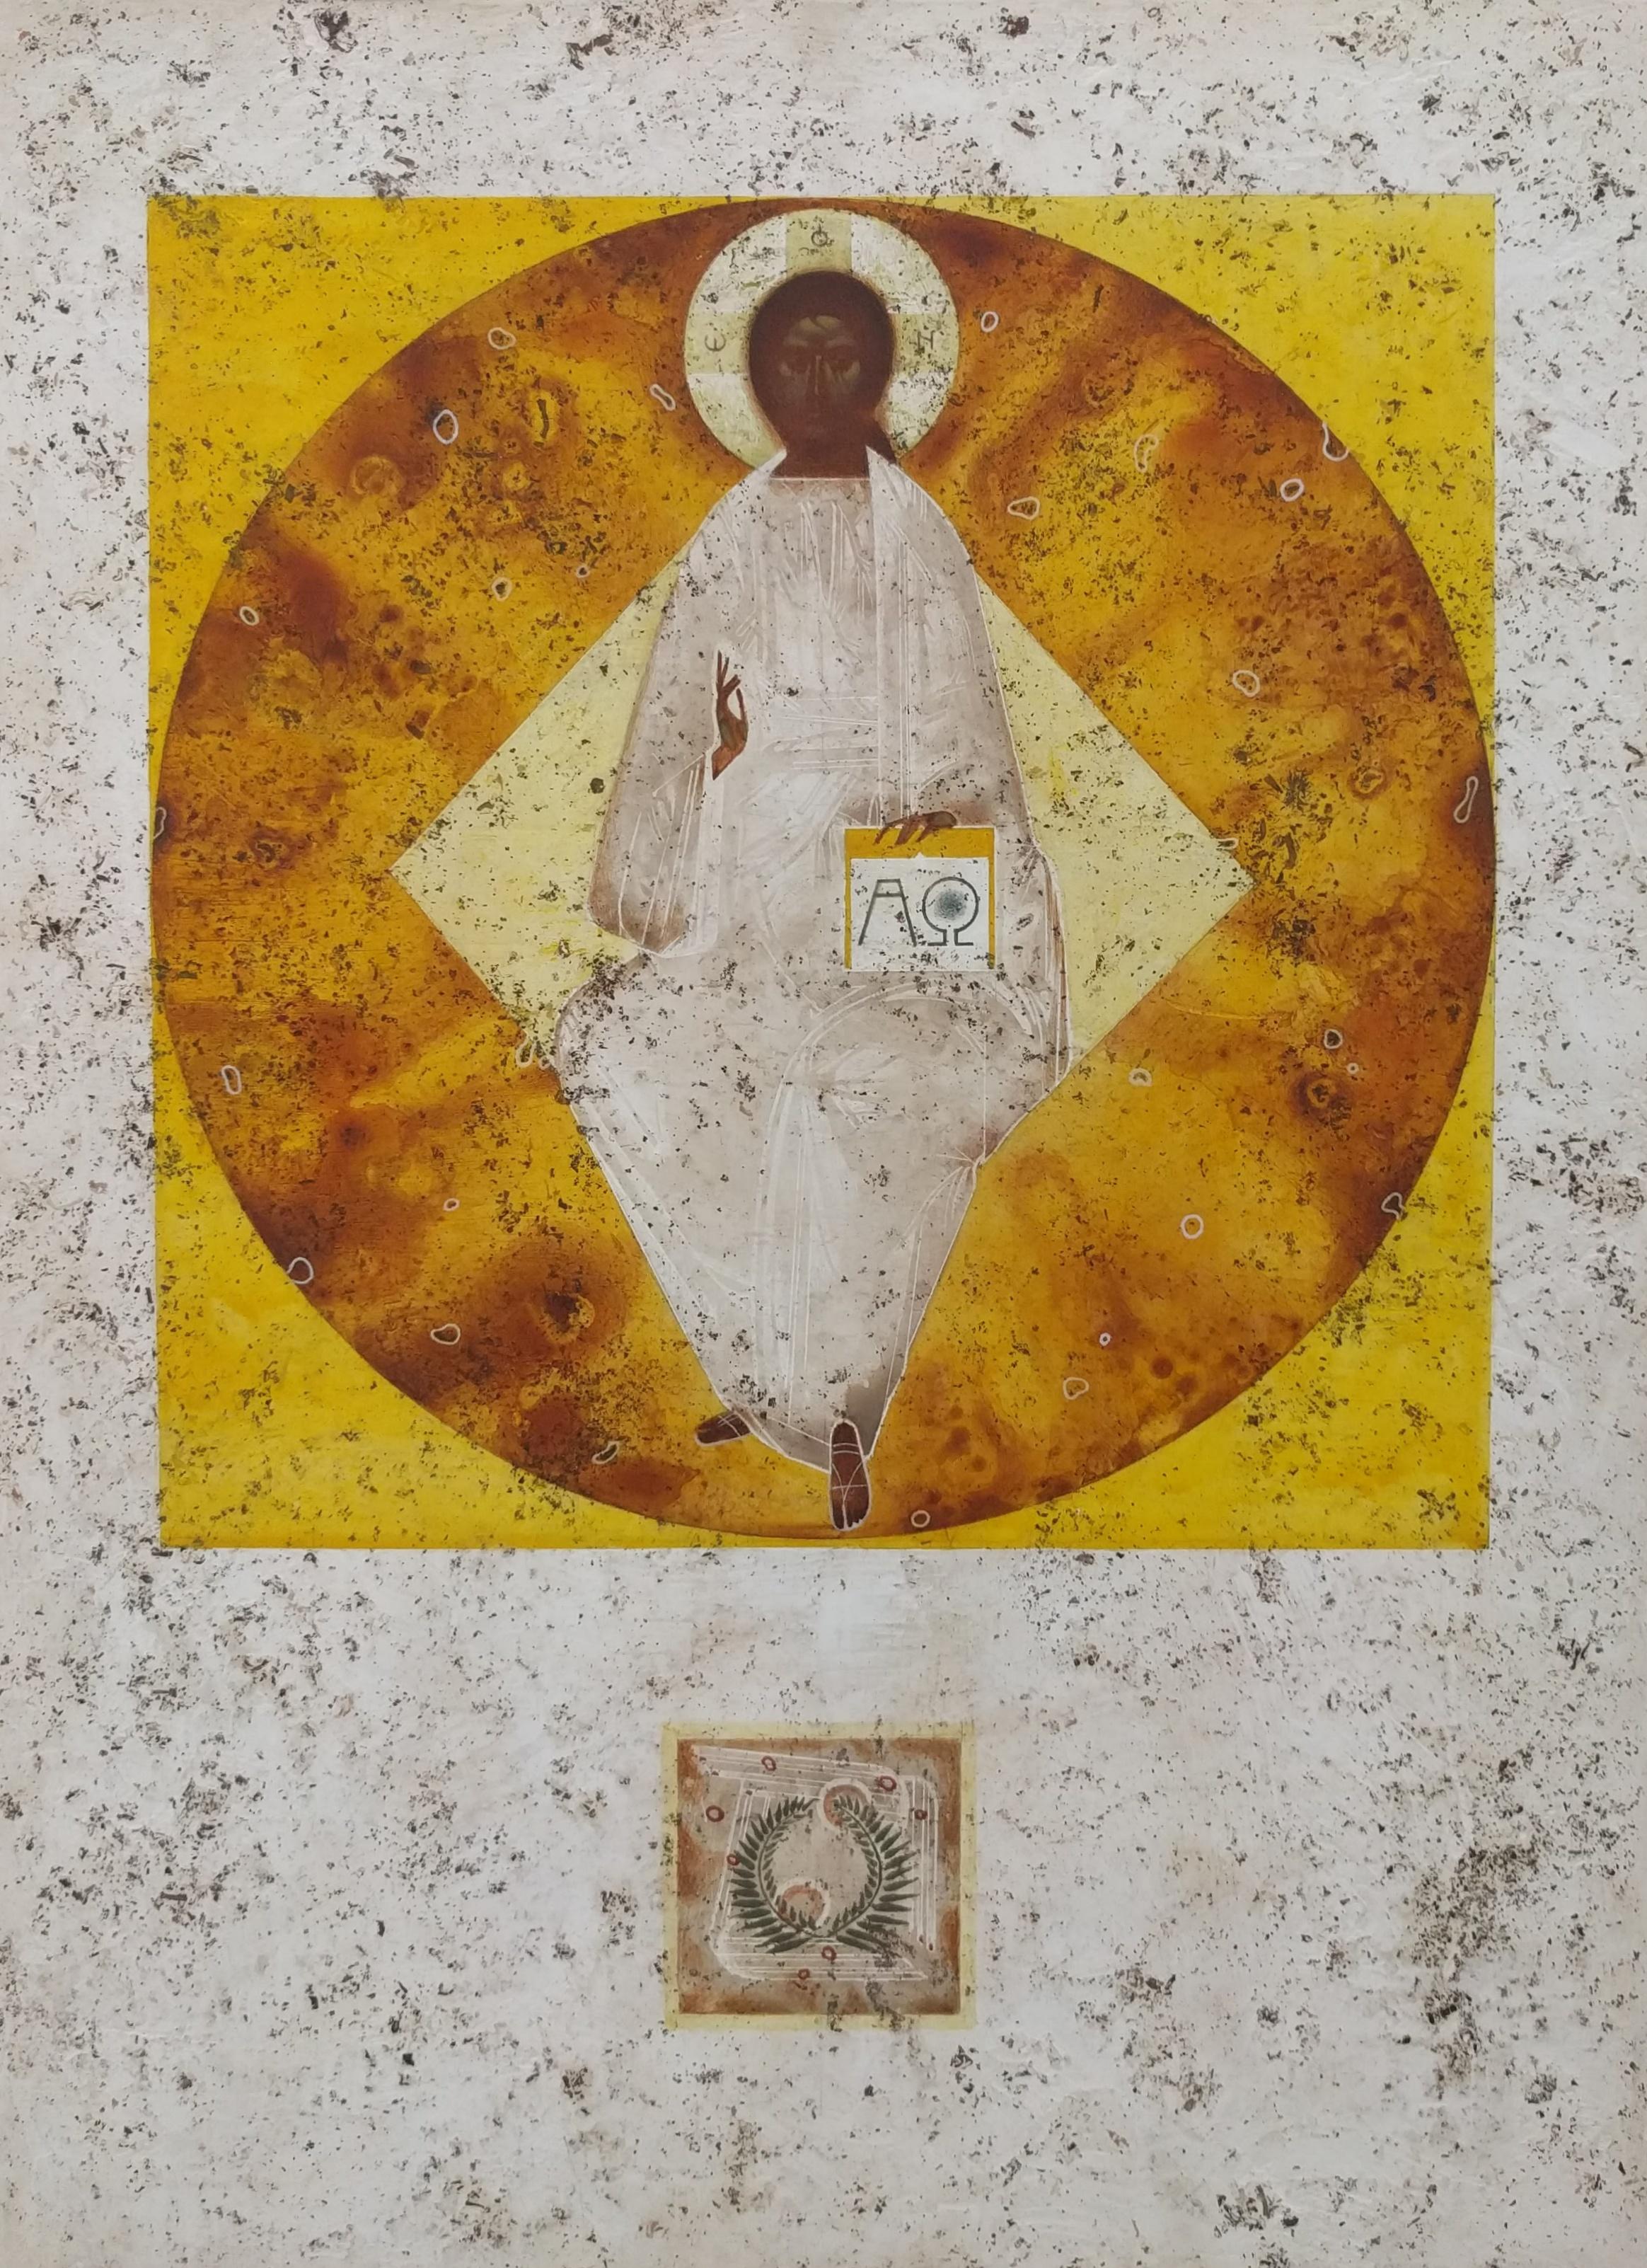 Christ in Glory by Ivanka Demchuk